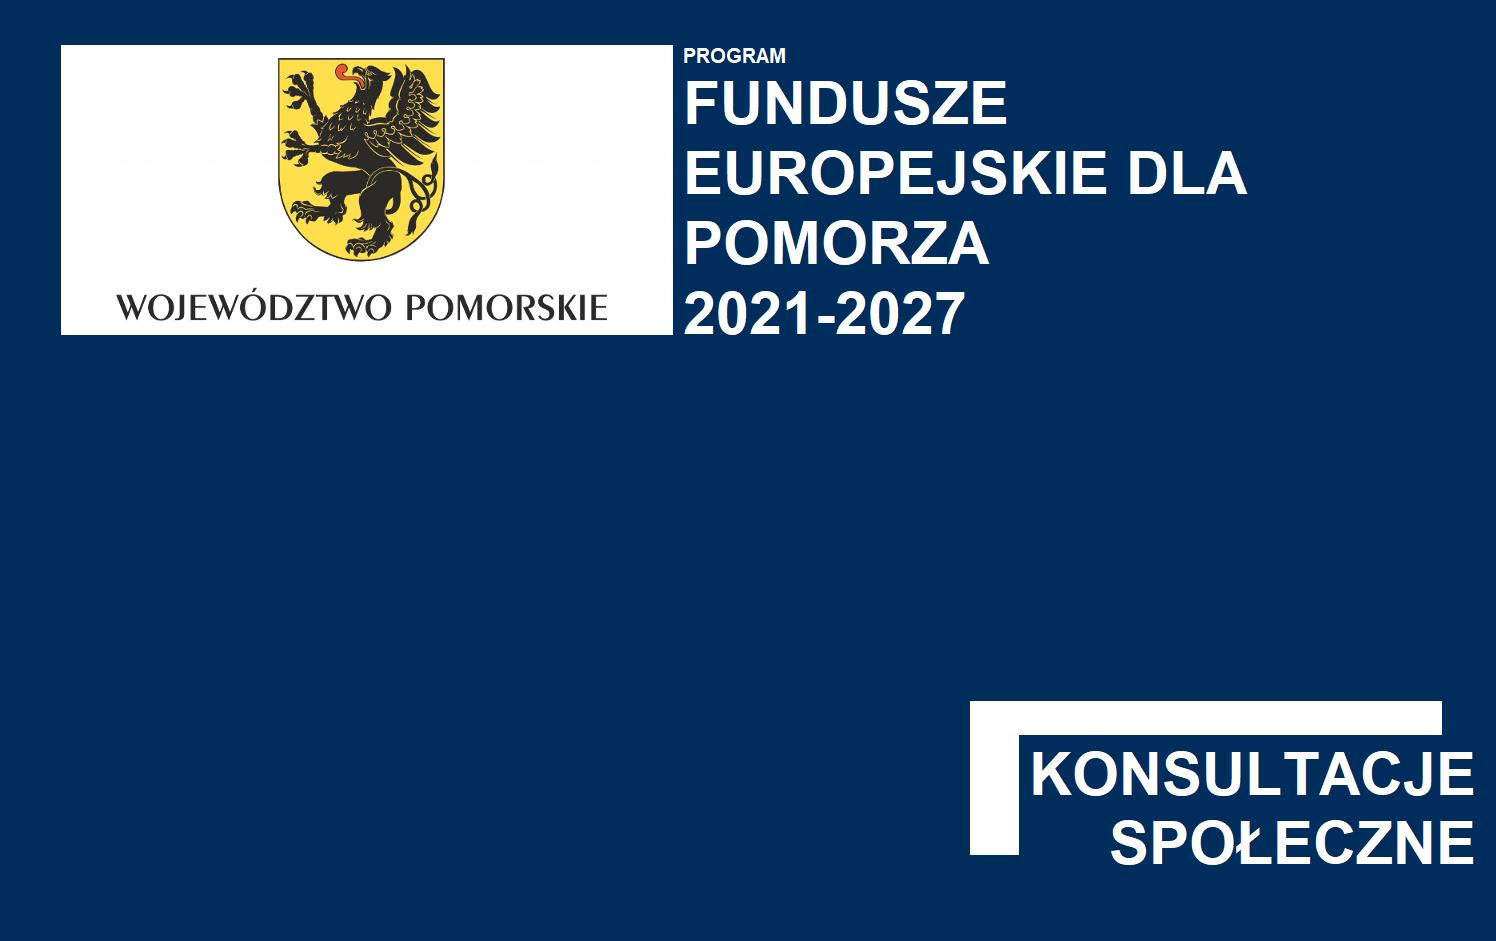 Konsultacje projektu FEP 2021-2027 – konferencje w Słupsku, Gdyni, Chojnicach oraz Kwidzynie